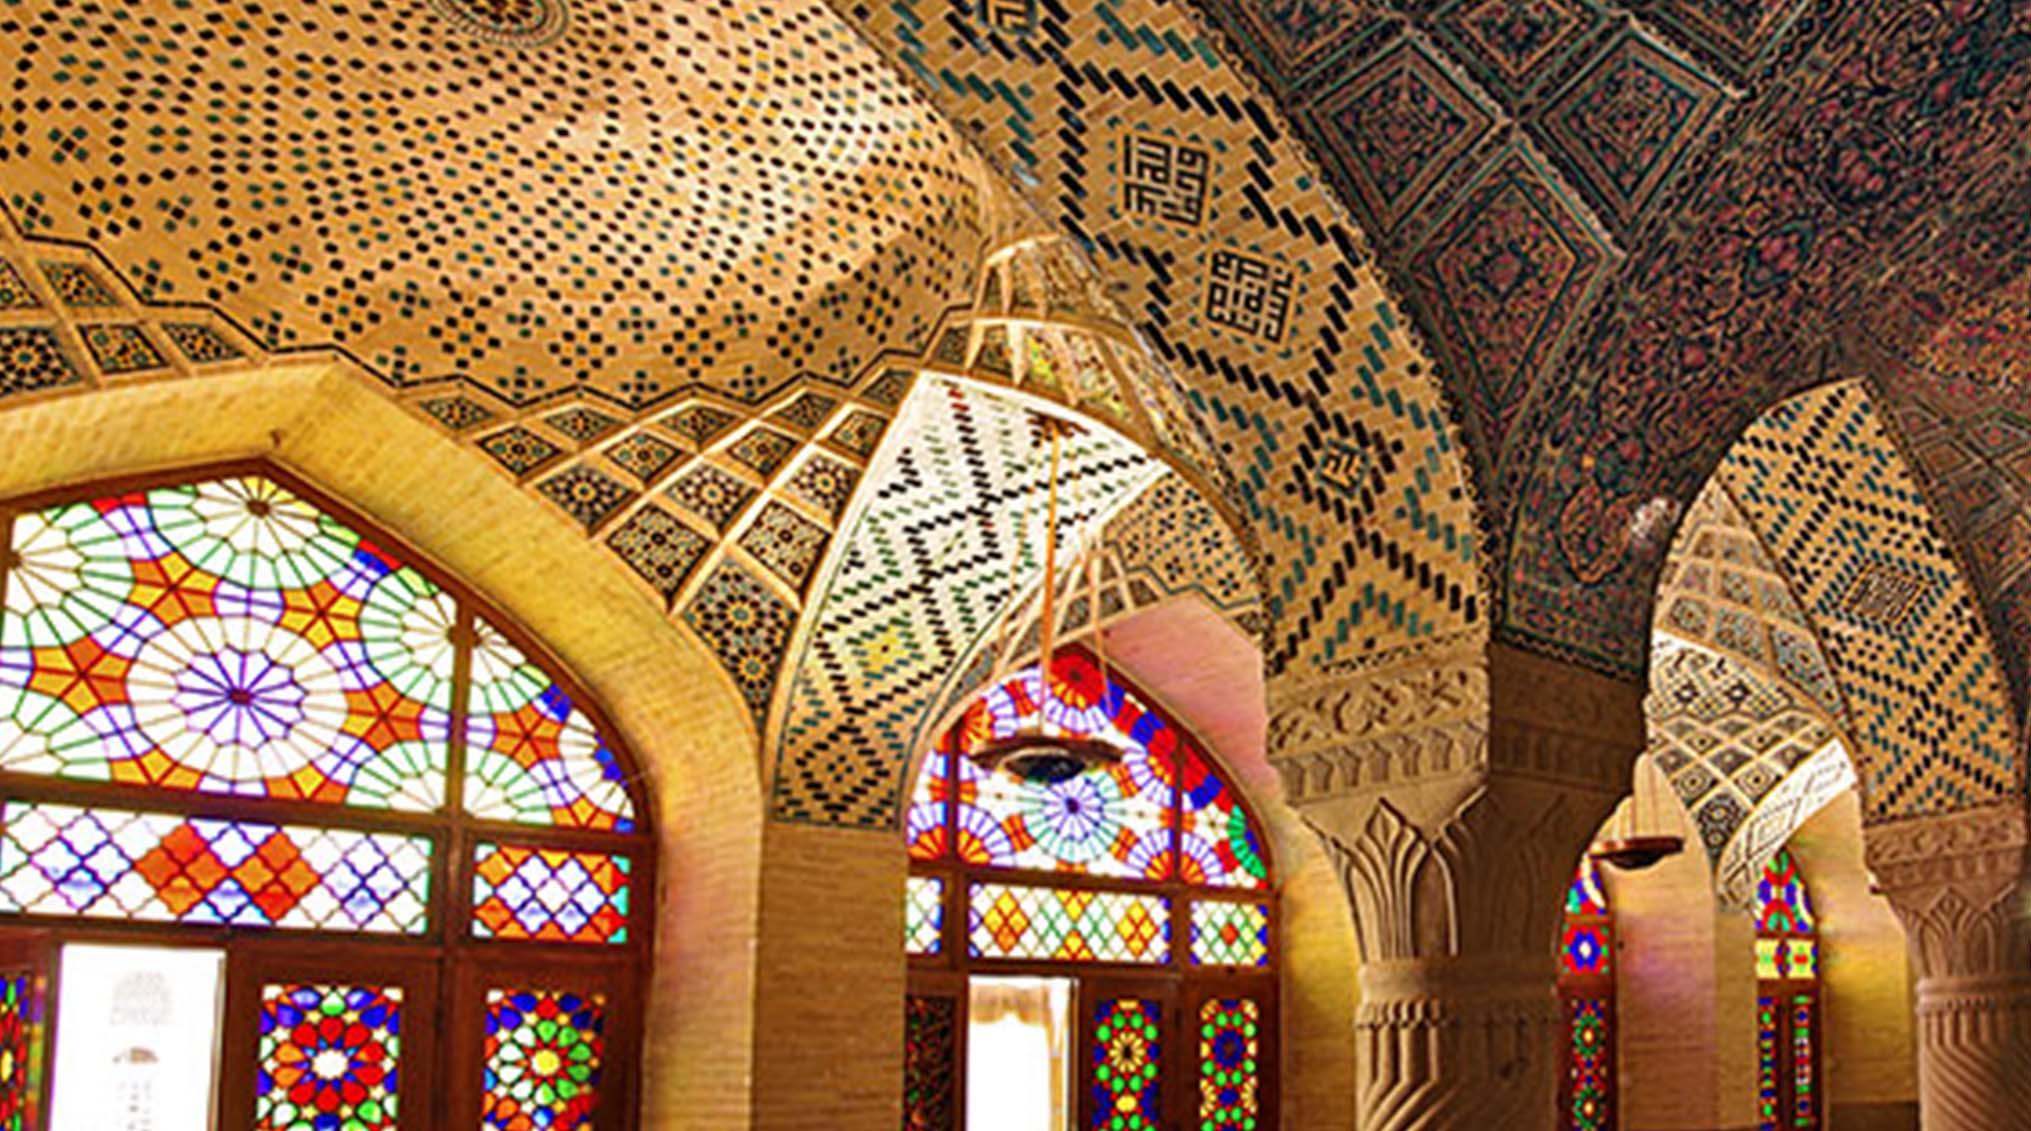 هویت فراموش شده در معماری ایران